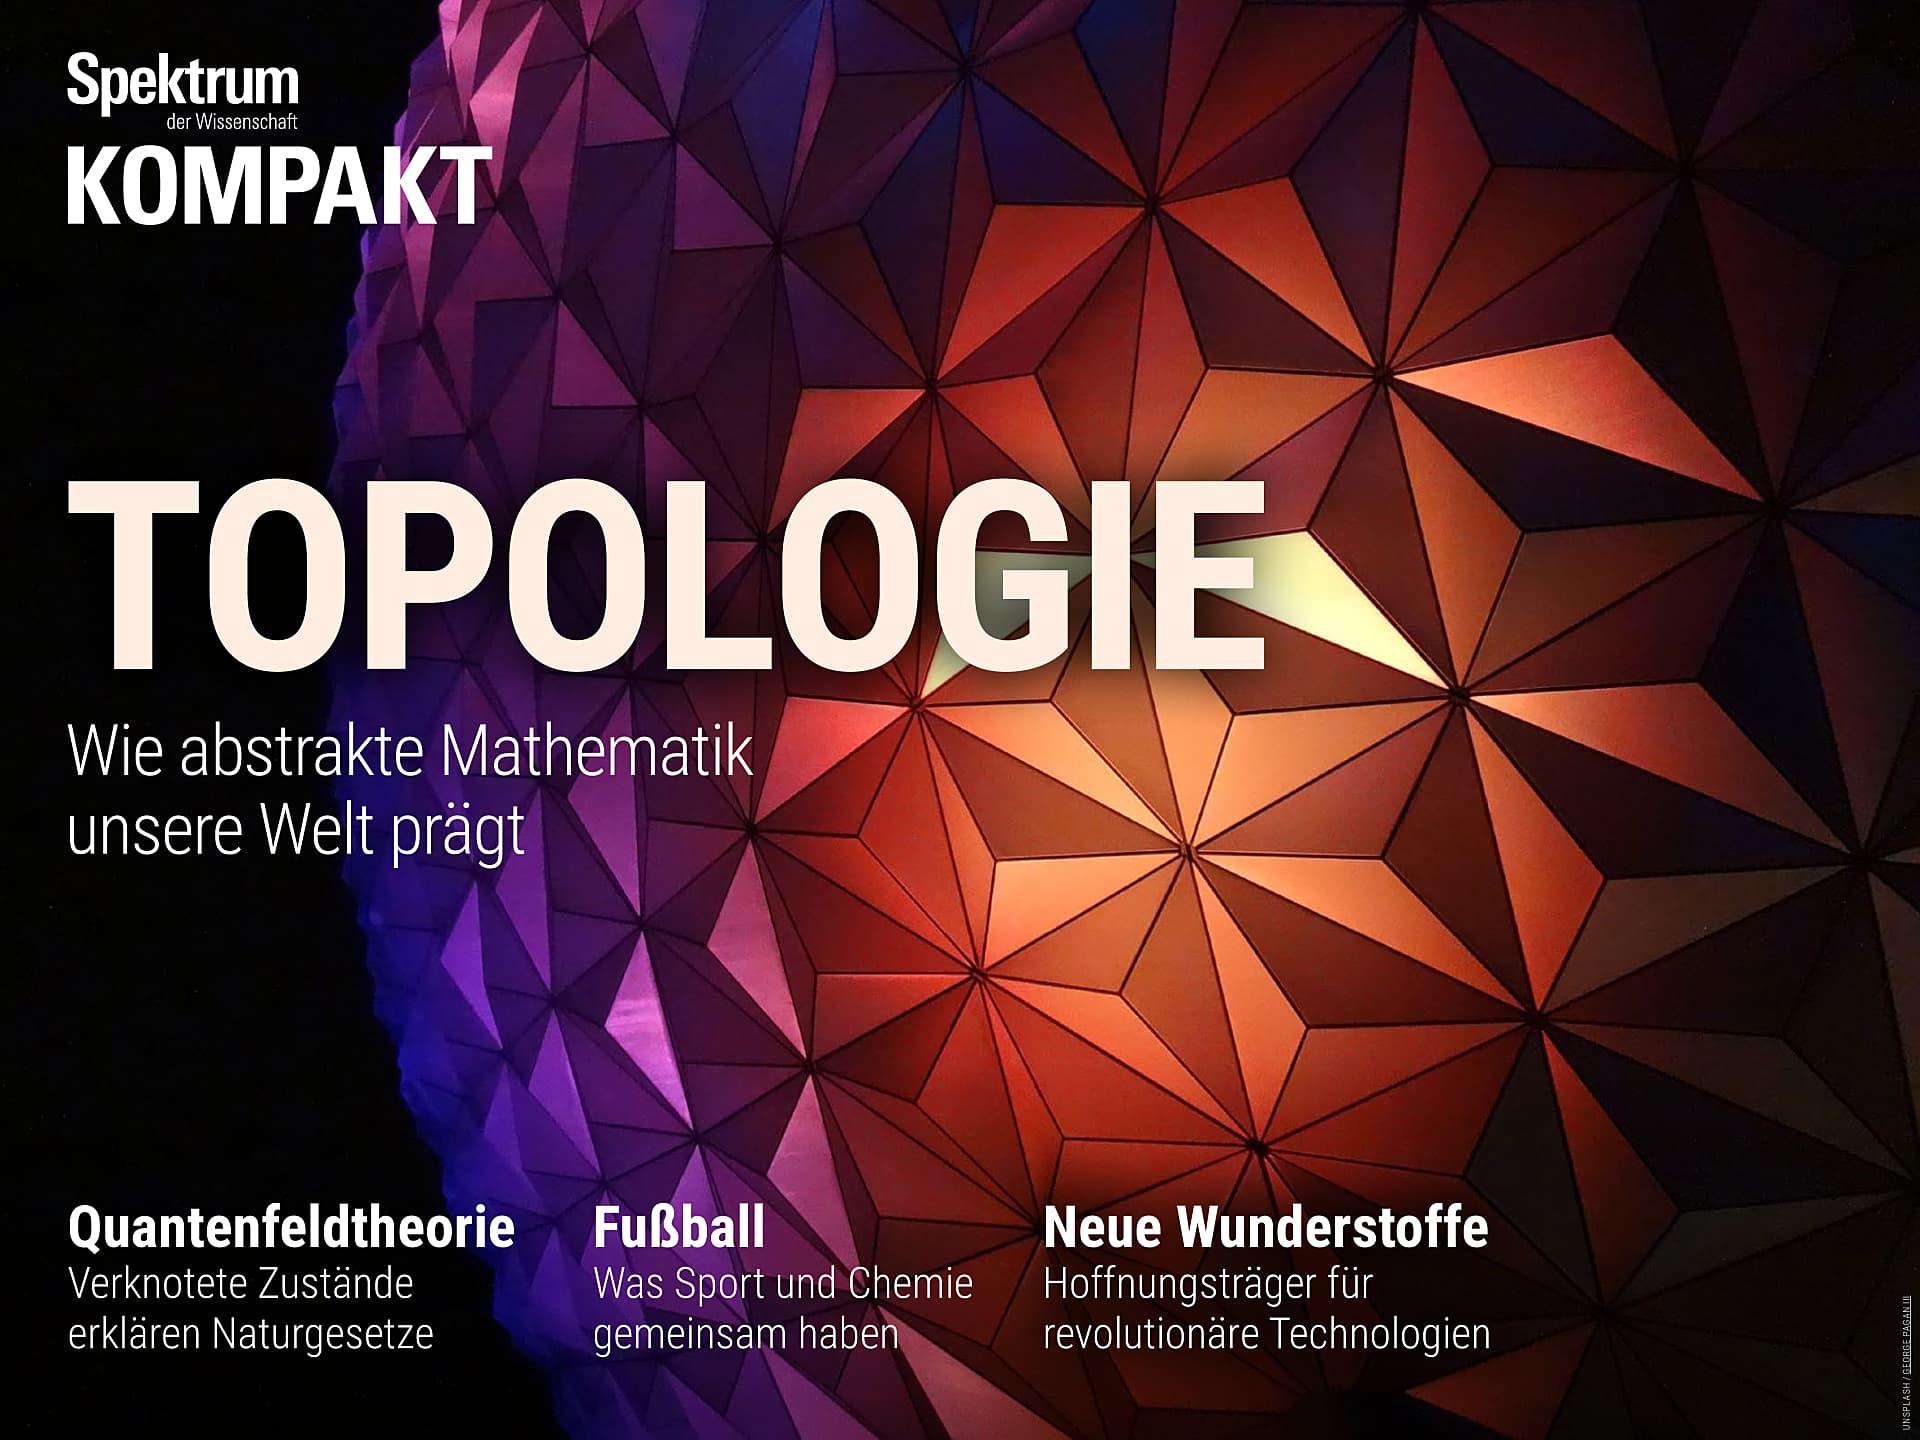 Topologie - Wie abstrakte Mathematik unsere Welt prägt